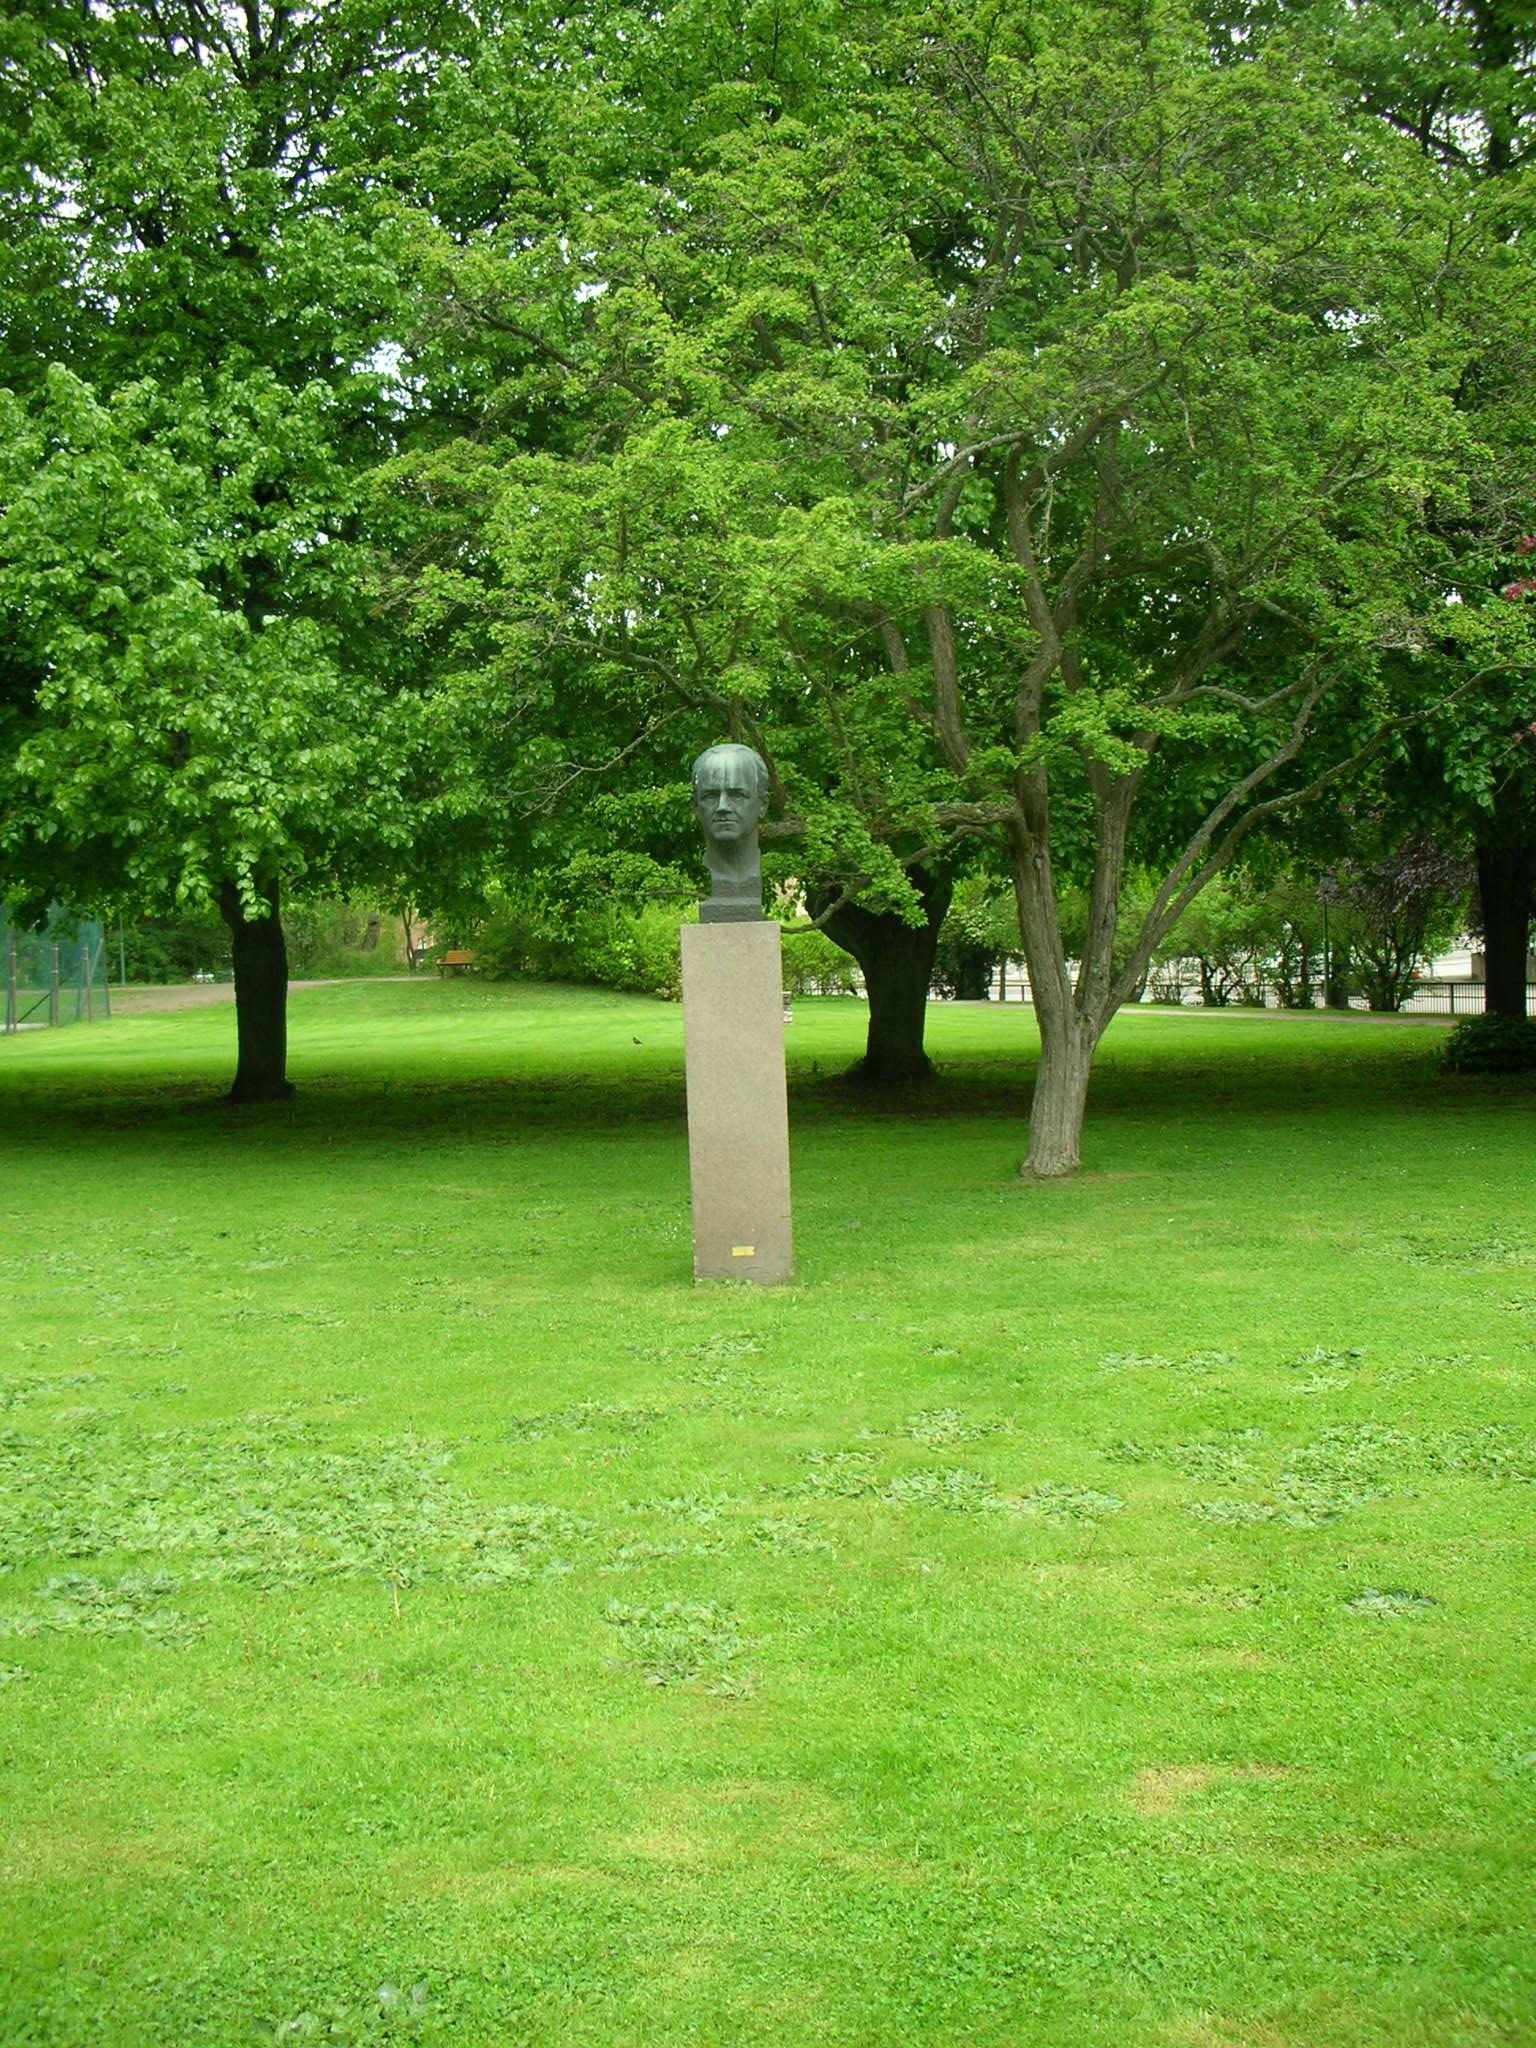 Staty föreställande Josef Weijne (1893-1951) Utbildningsminister 1946-51 Gick på lärarhögskolan 1910-14 när skolan låg på annan plats i staden.